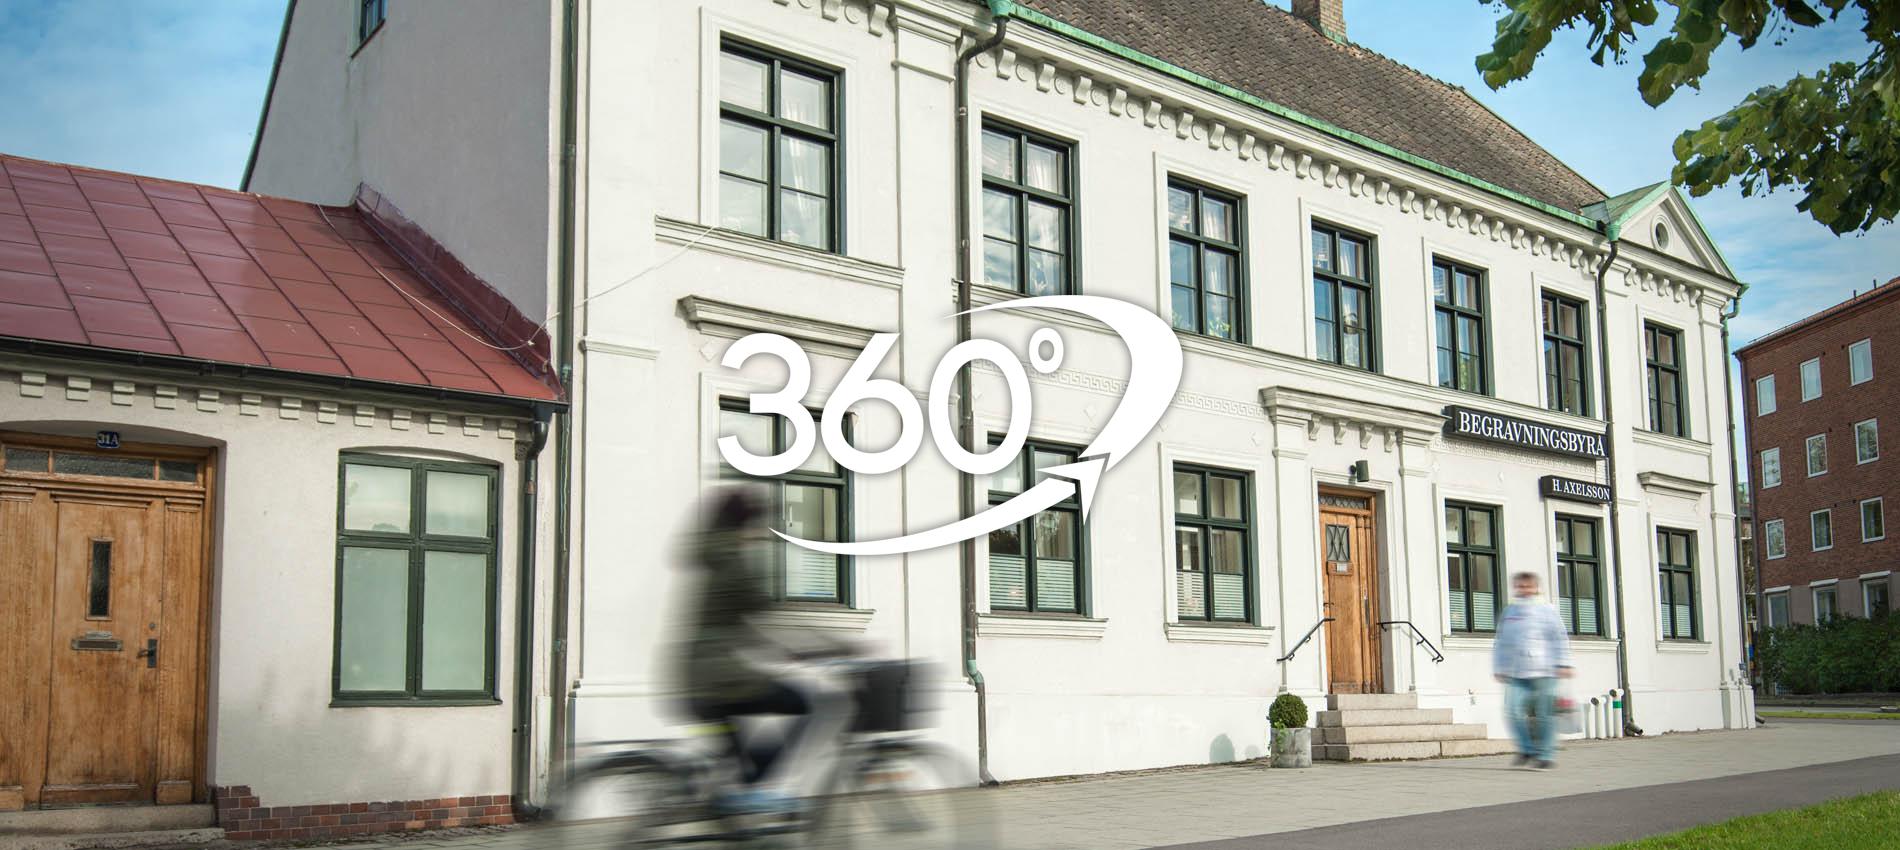 Axelssons Begravningsbyrå Lund - 360° virtuell rundvandring - Varmt välkommen in